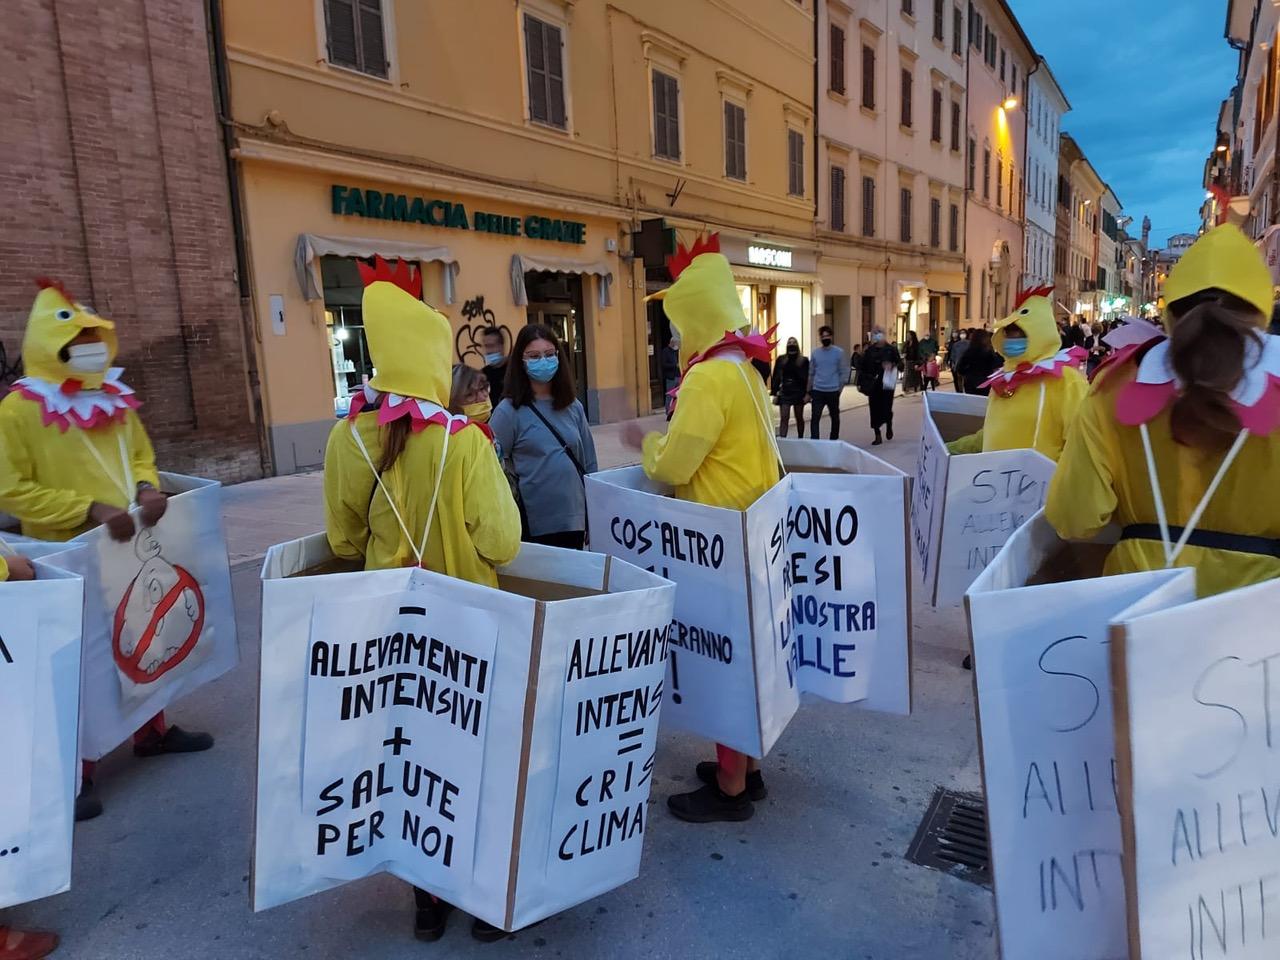 comitati contro allevamenti intensivi polli marche